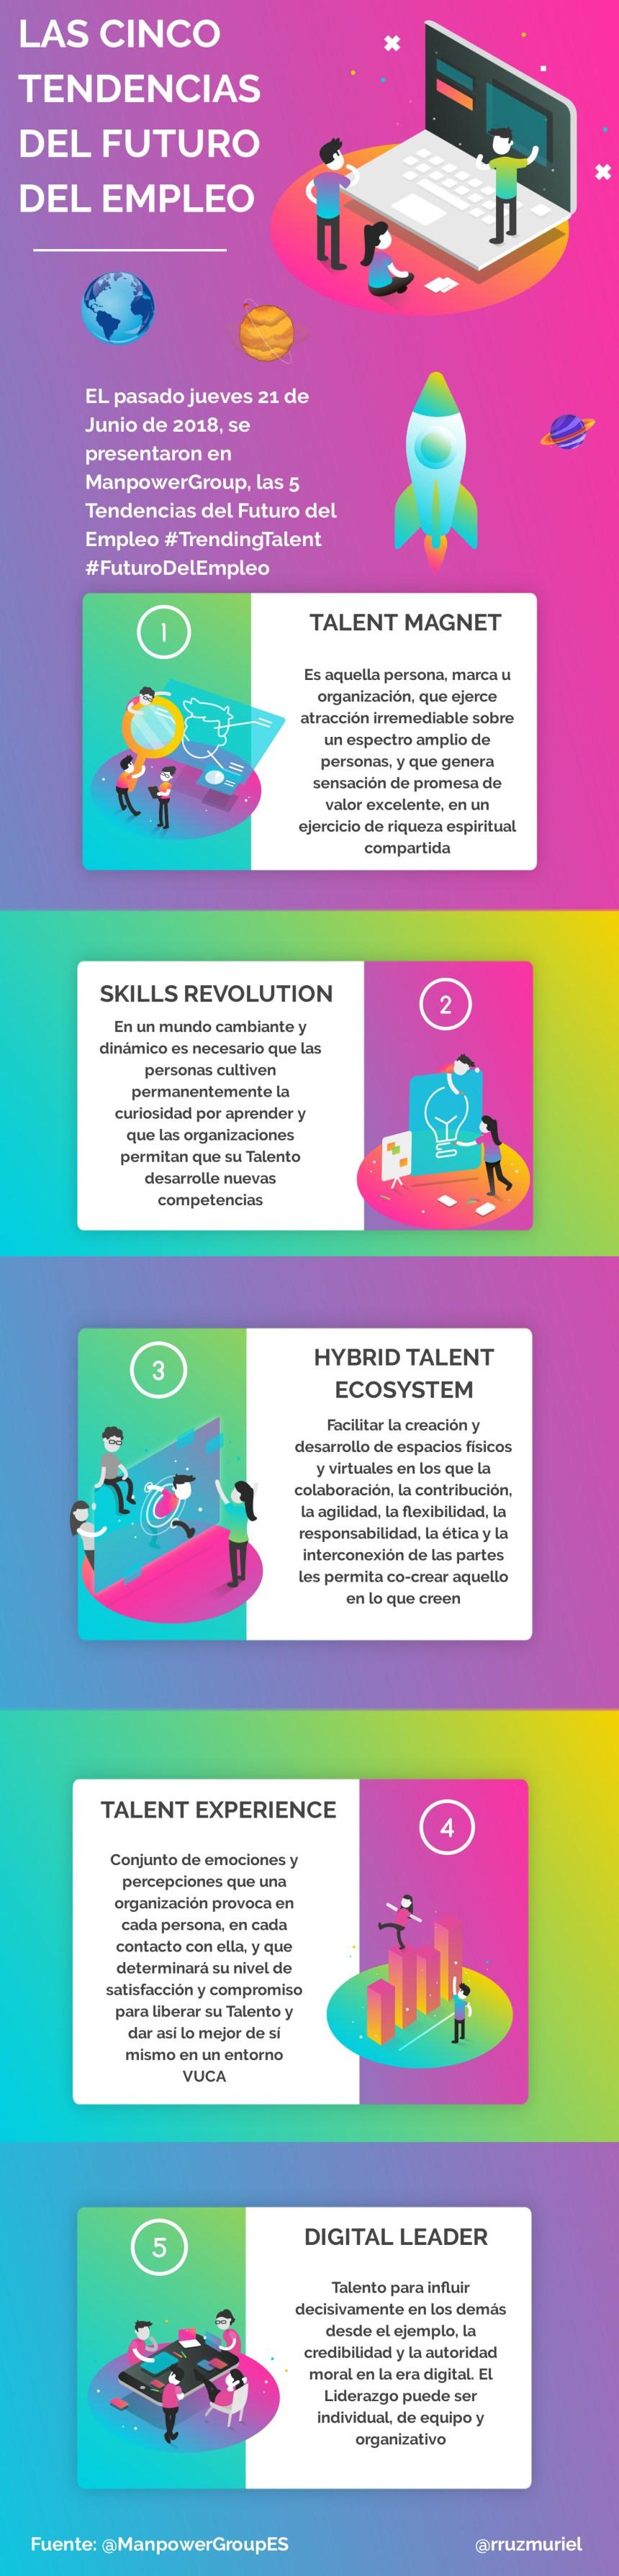 5 tendencias del futuro del Empleo